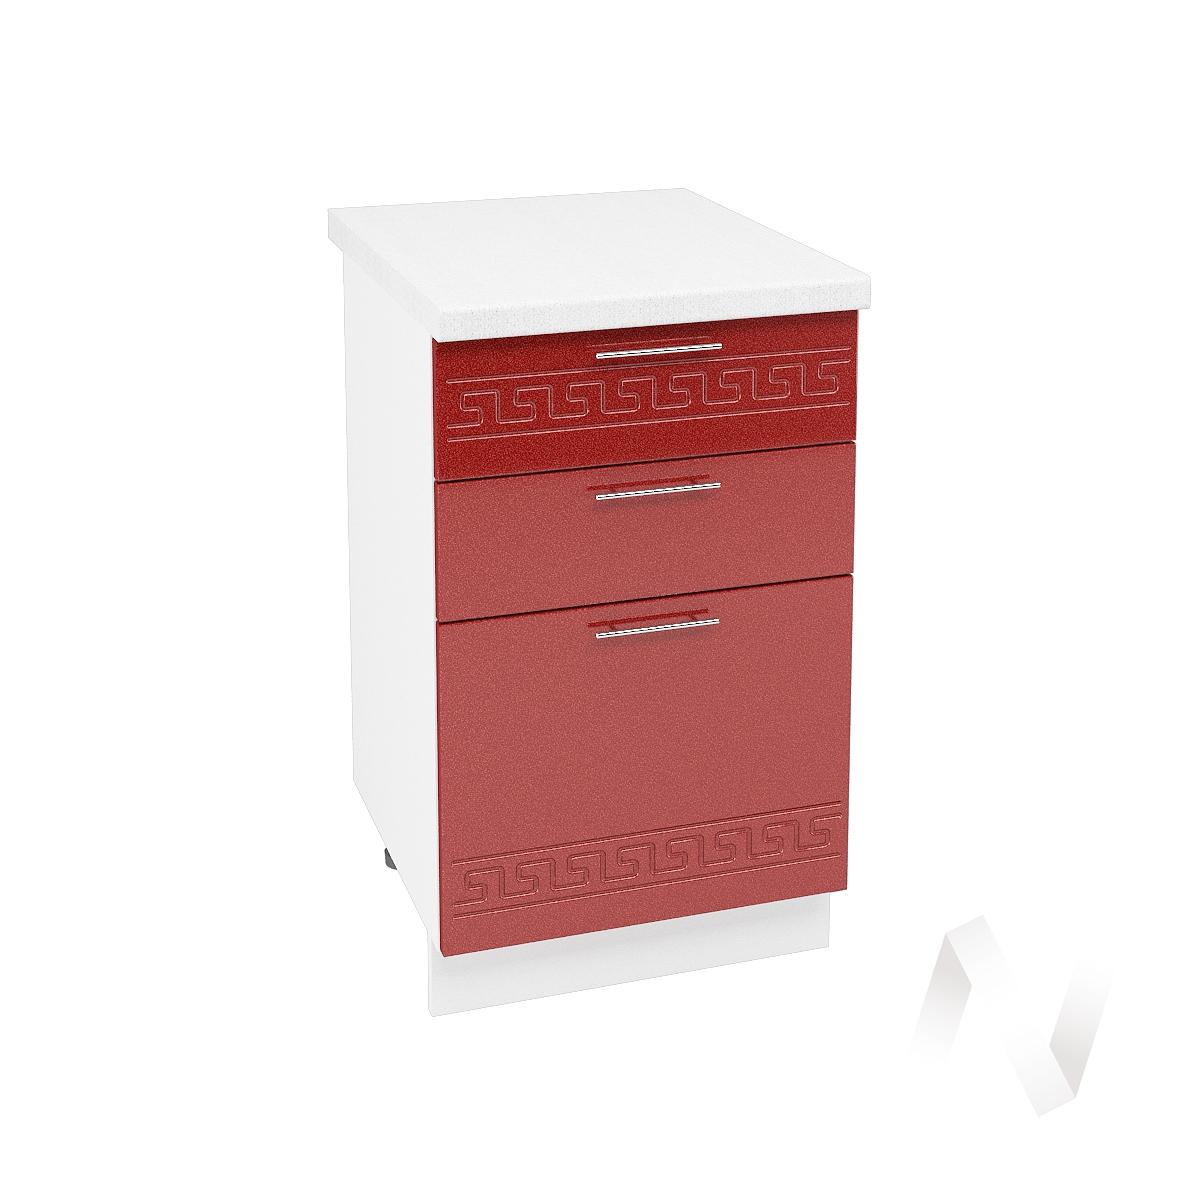 """Кухня """"Греция"""": Шкаф нижний с 3-мя ящиками 500, ШН3Я 500 (гранатовый металлик/корпус белый)"""